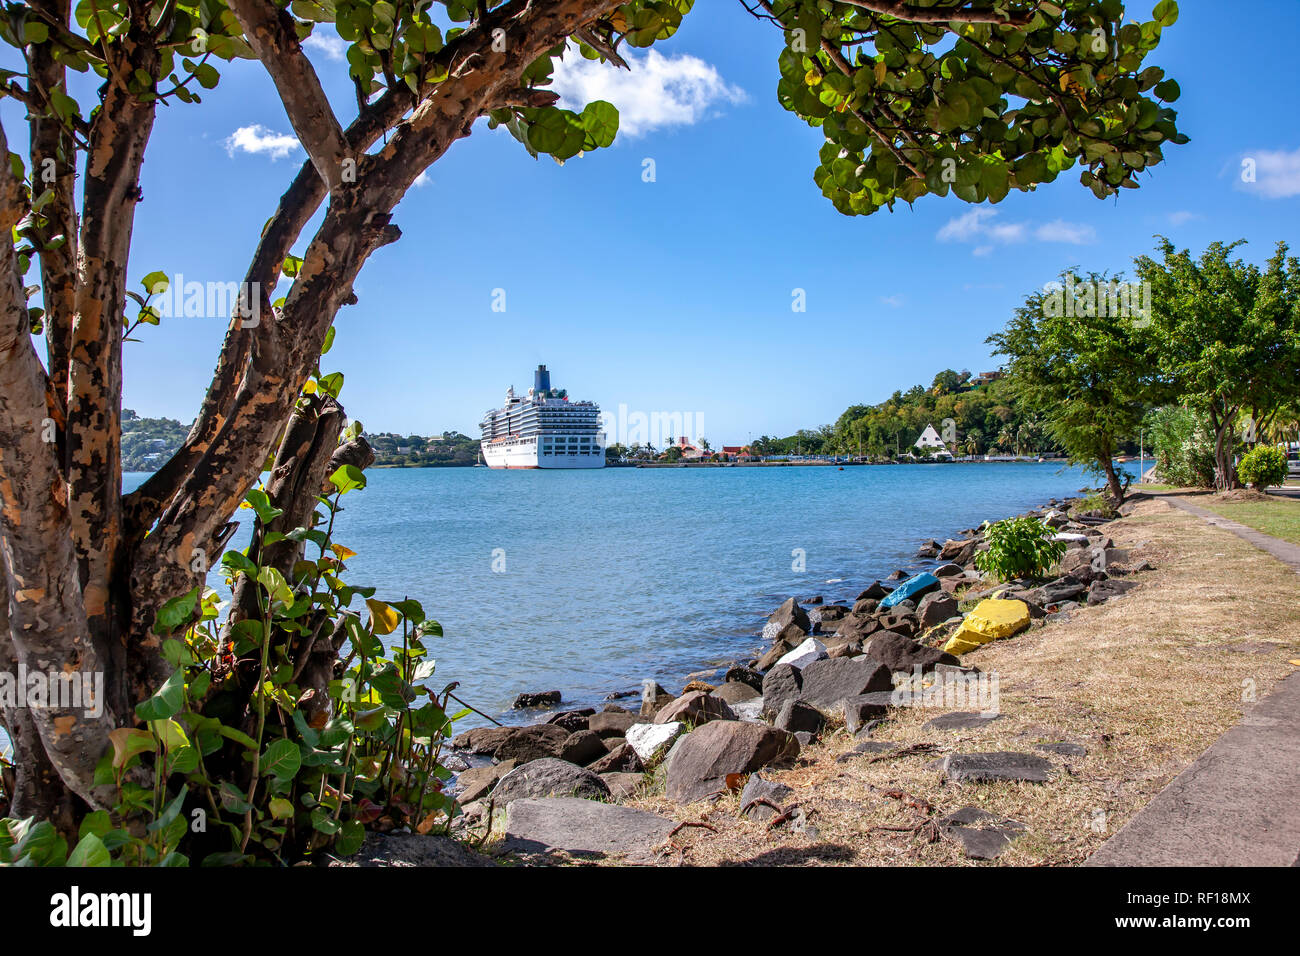 Castries Santa lucía una de las Islas de Barlovento en el Caribe. Foto de stock